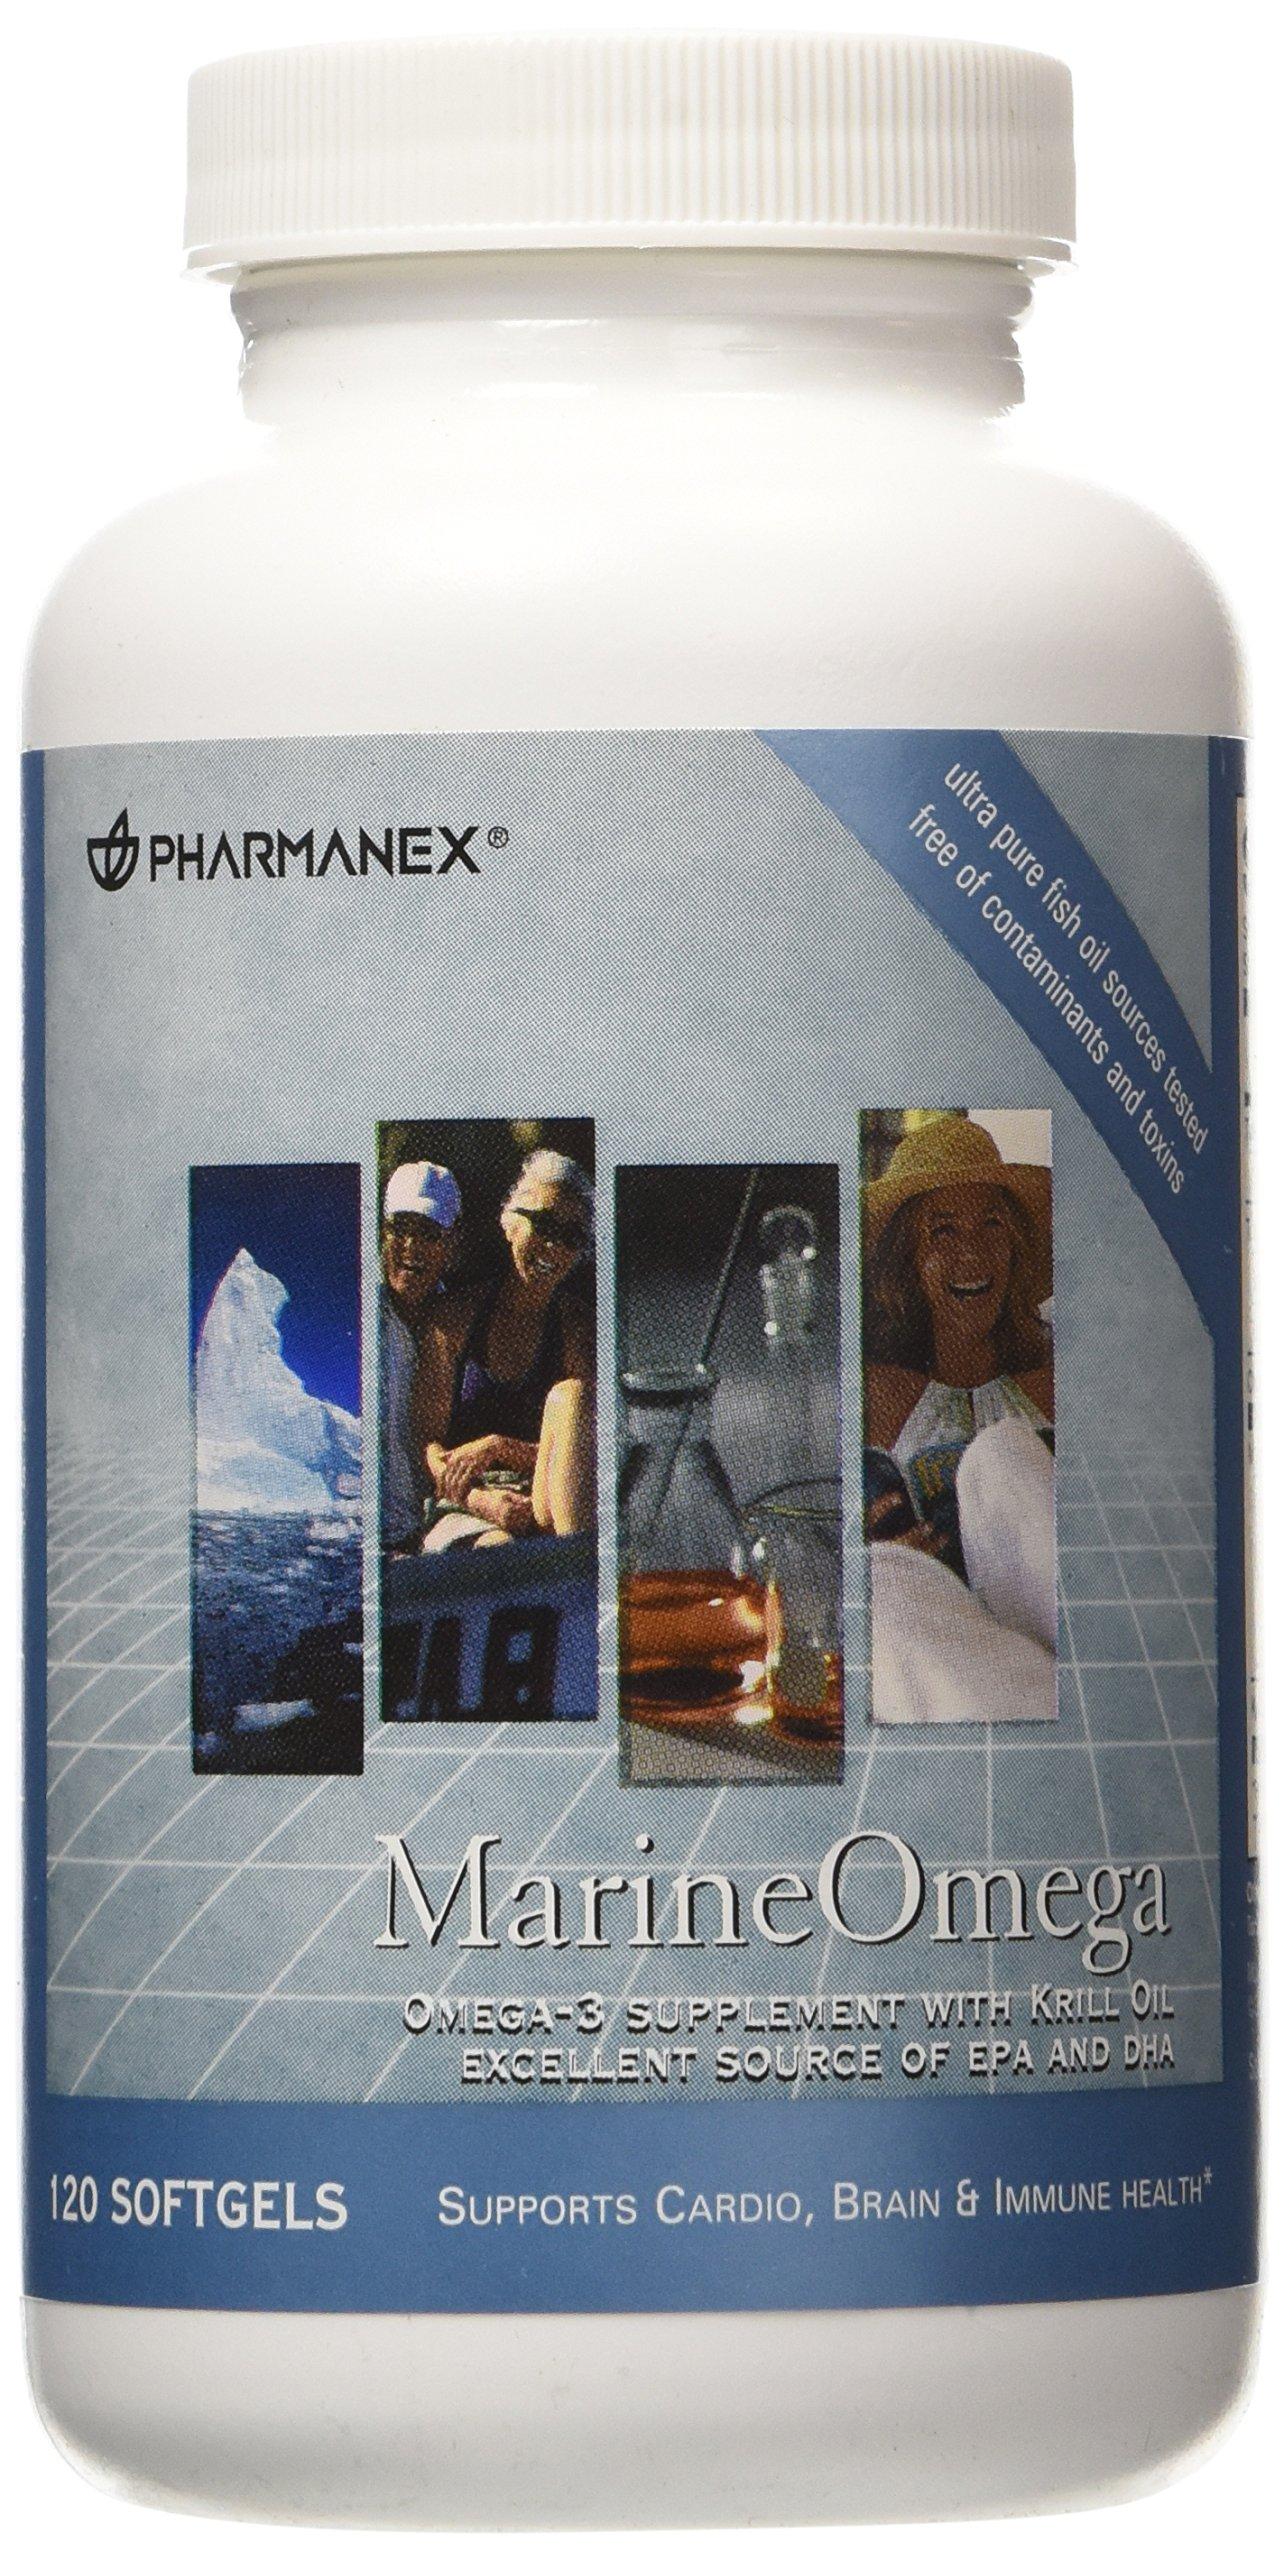 Nuskin Nu Skin Pharmanex Marine Omega, Omega-3 supplement